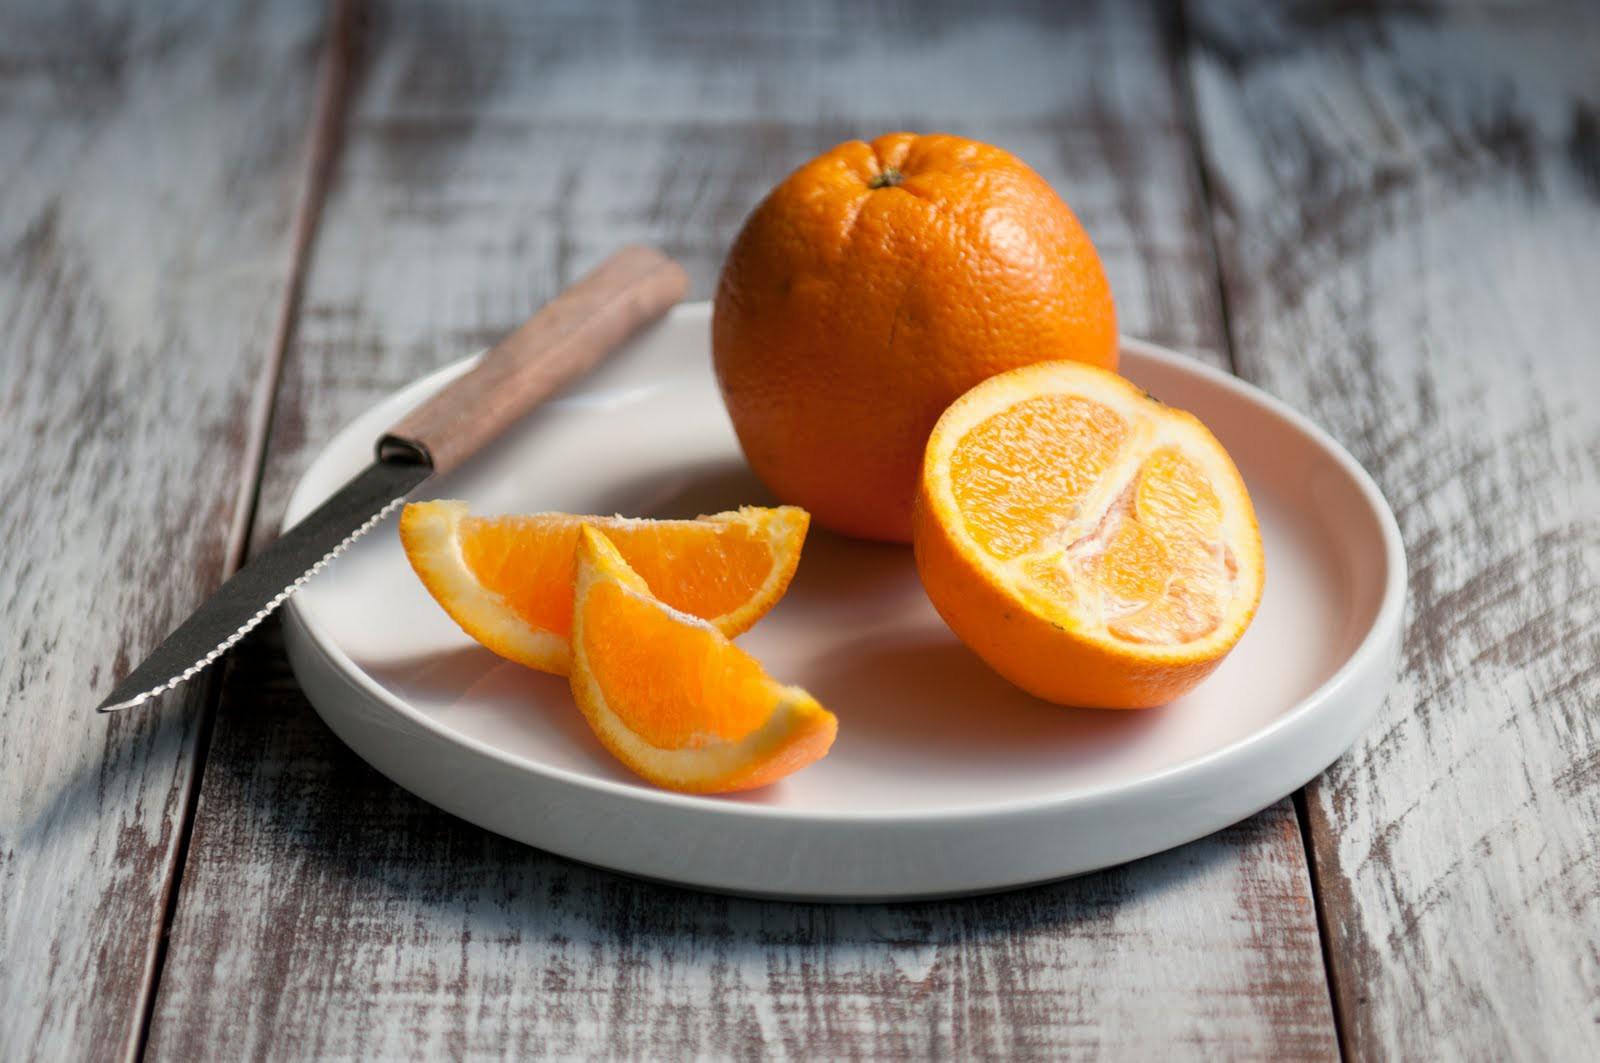 6 lợi ích tuyệt vời sẽ khiến bạn muốn mua loại quả này về ăn ngay - Ảnh 1.